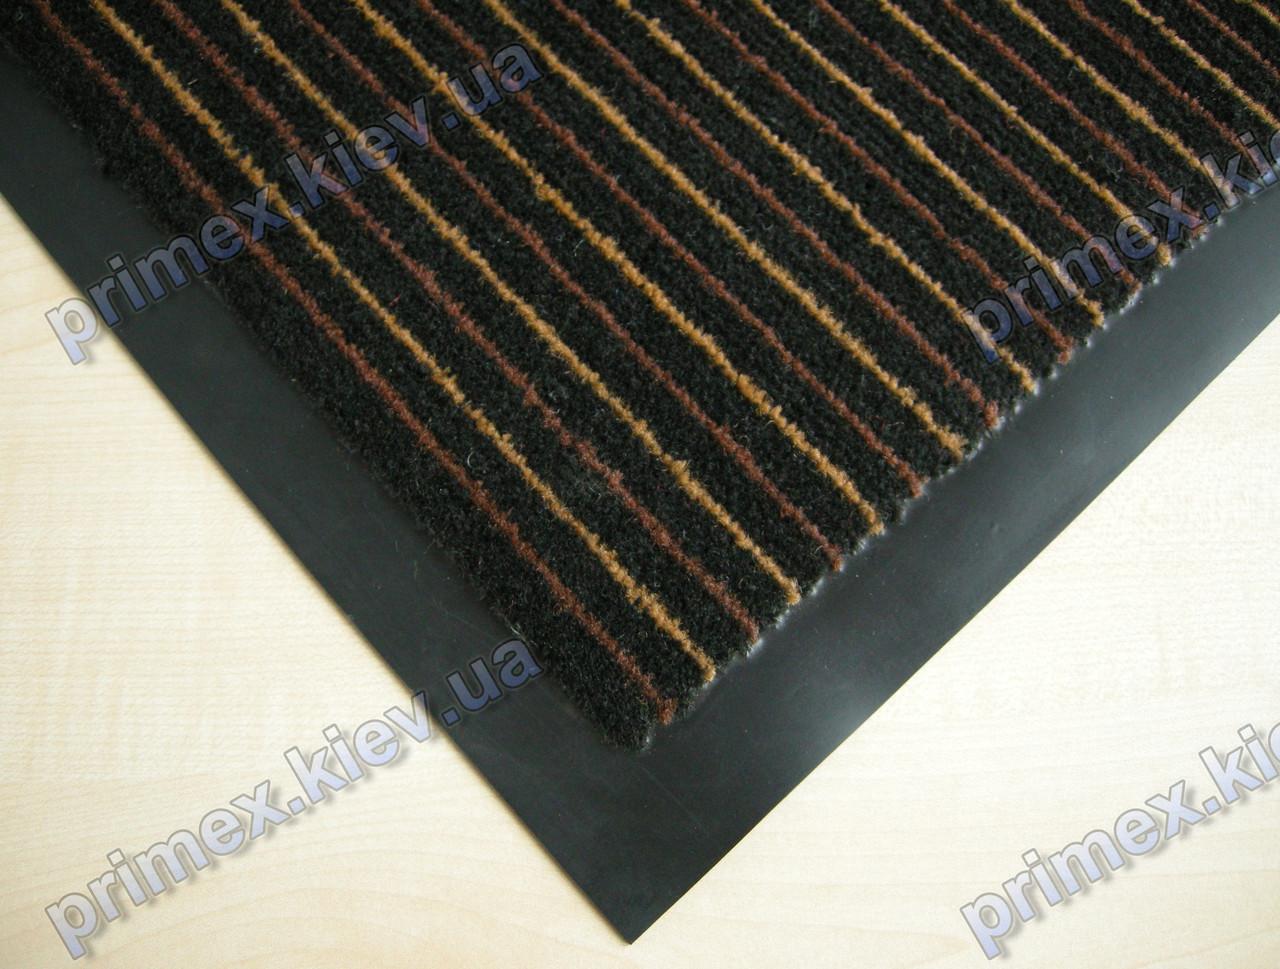 Коврик грязезащитный Полоска Два цвета, 90х150см., коричневый с бежевым